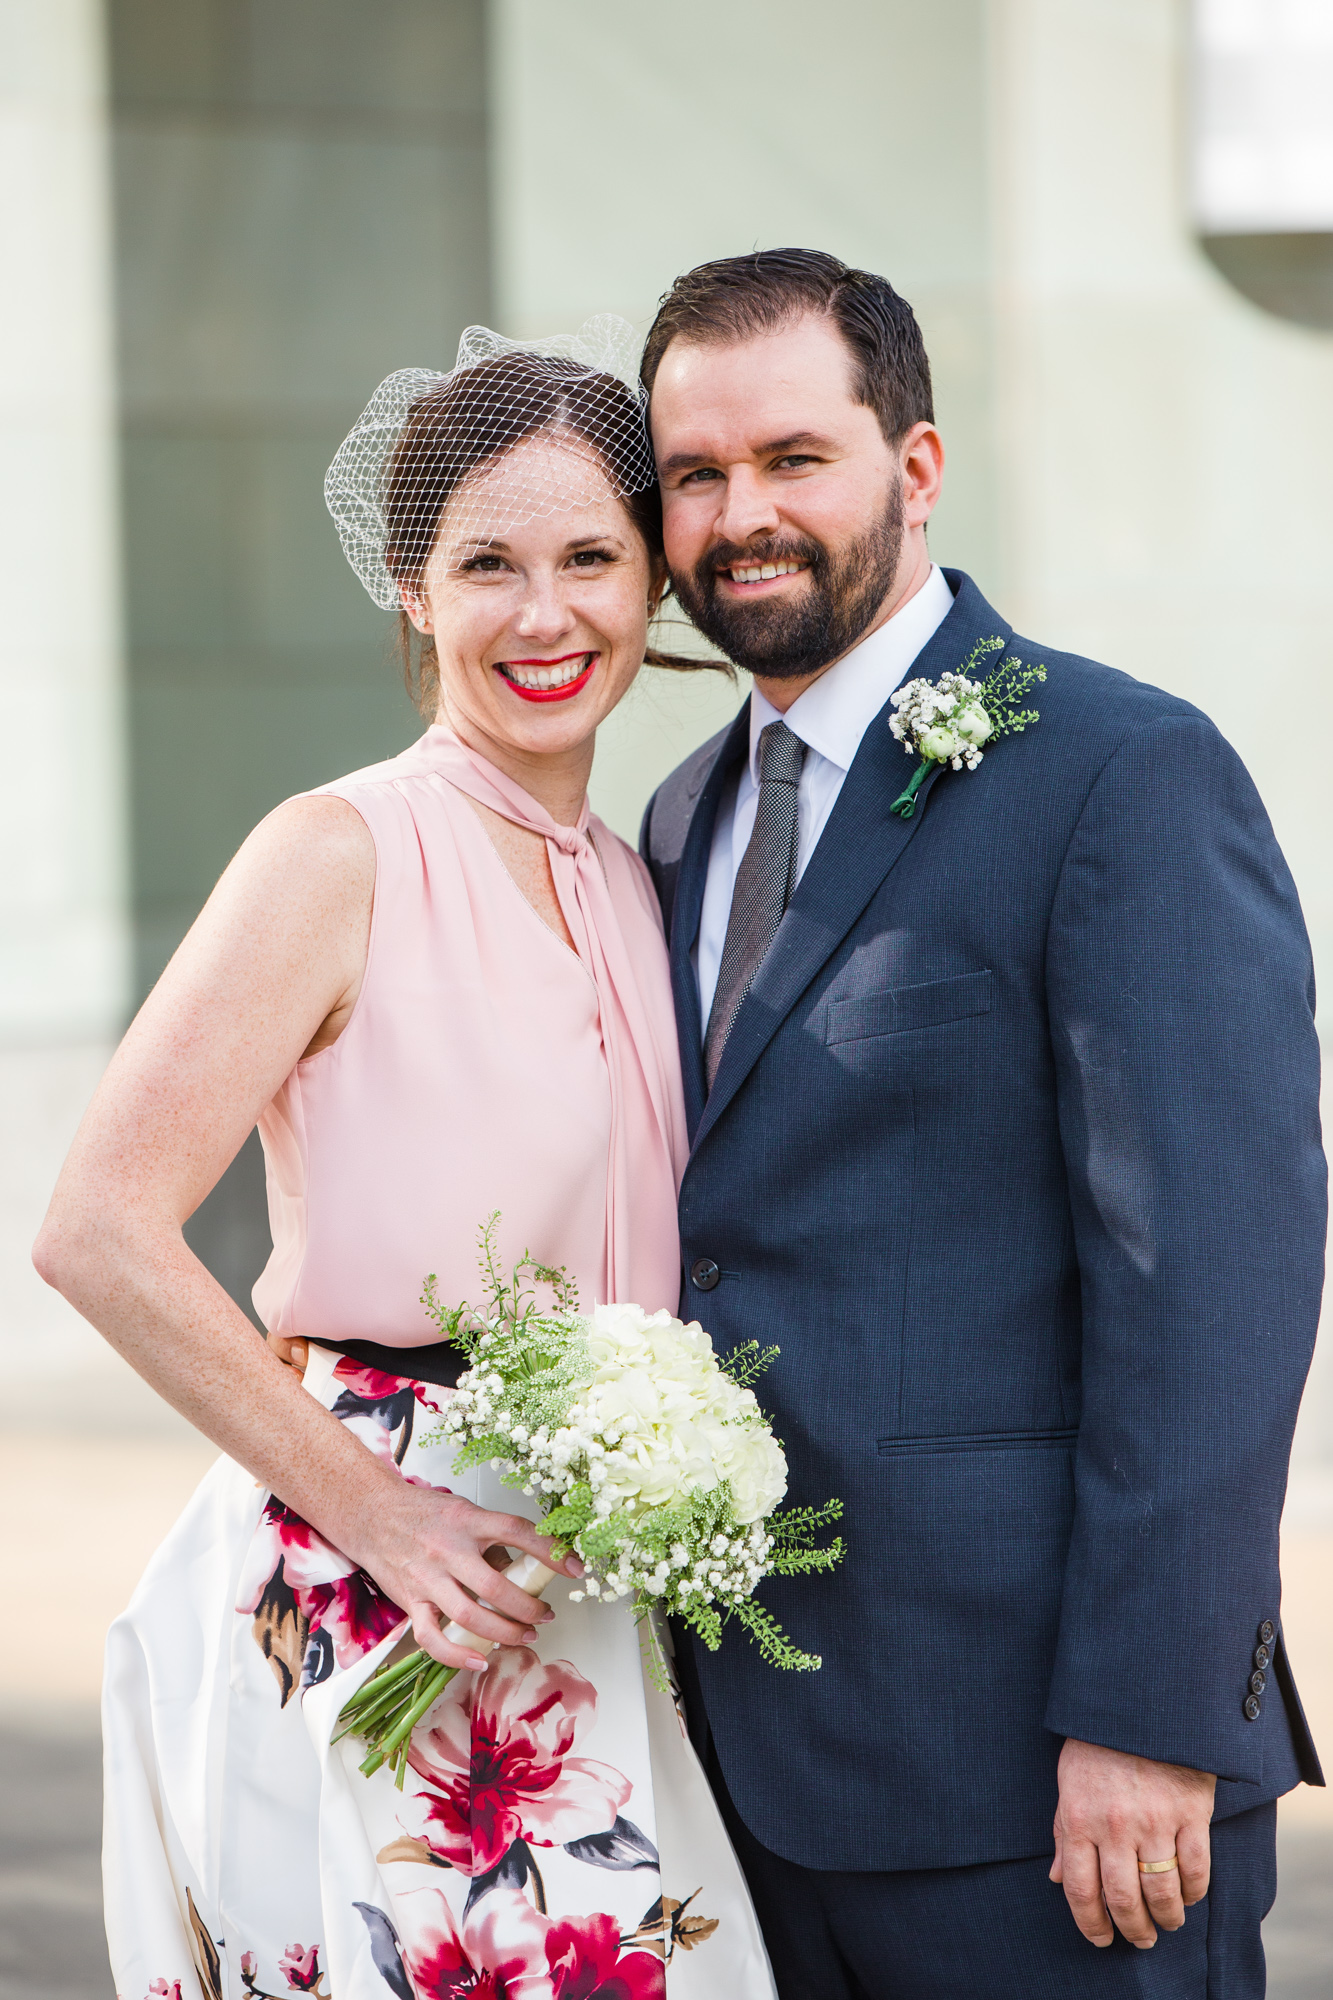 2018_10_17_mowita_drew_durham_courthouse_wedding-6955.jpg